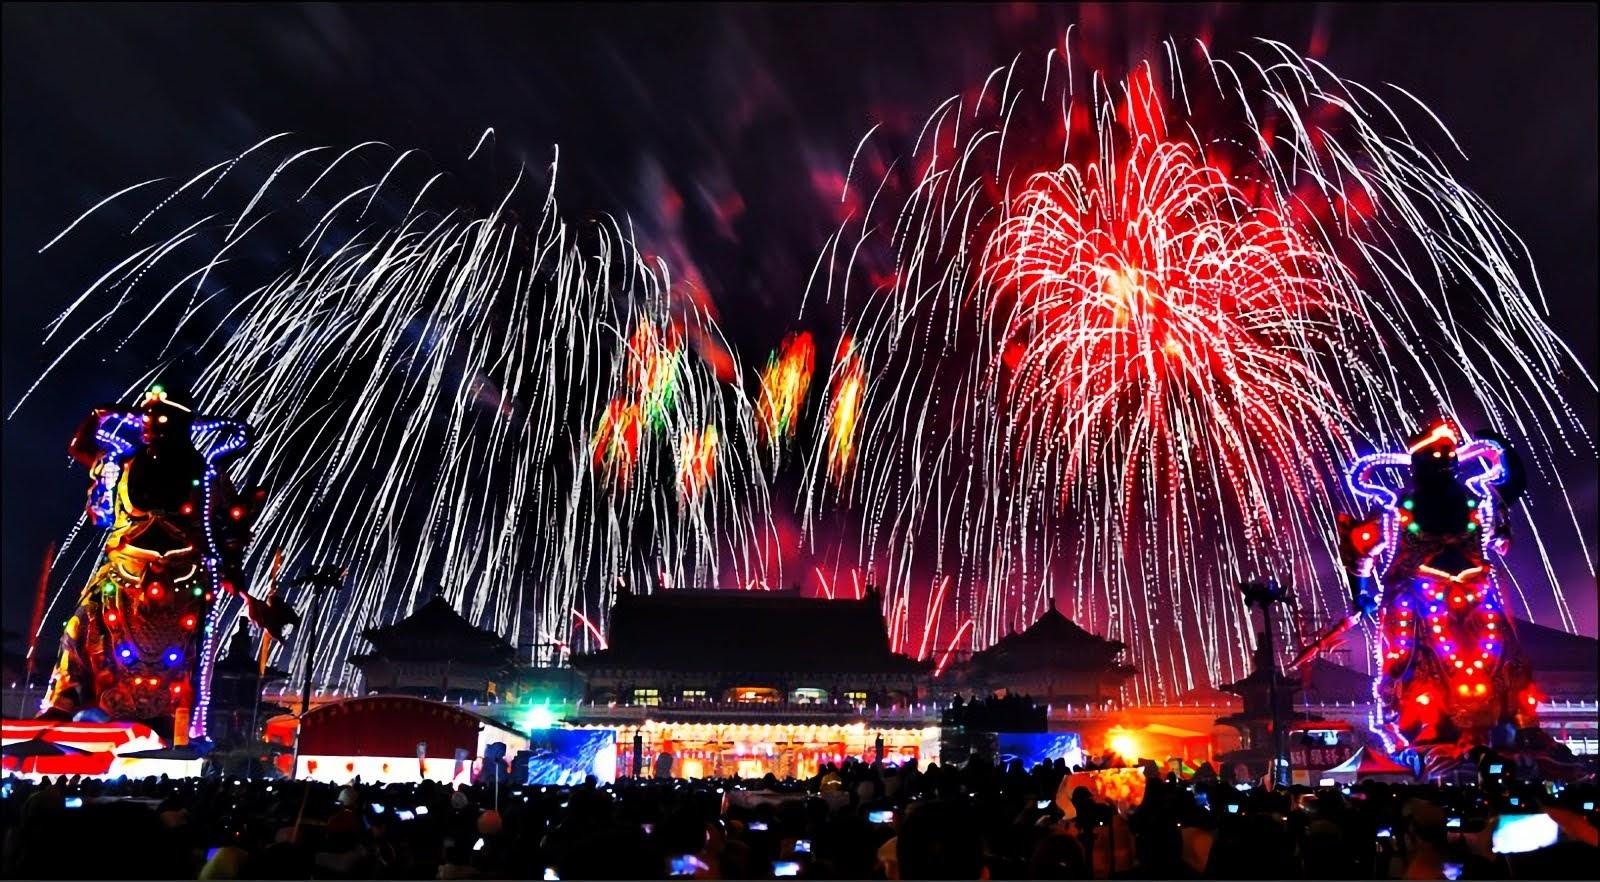 [活動] 鹿耳門聖母廟新春活動重頭戲|元宵節國際高空煙火秀2/8璀璨登場